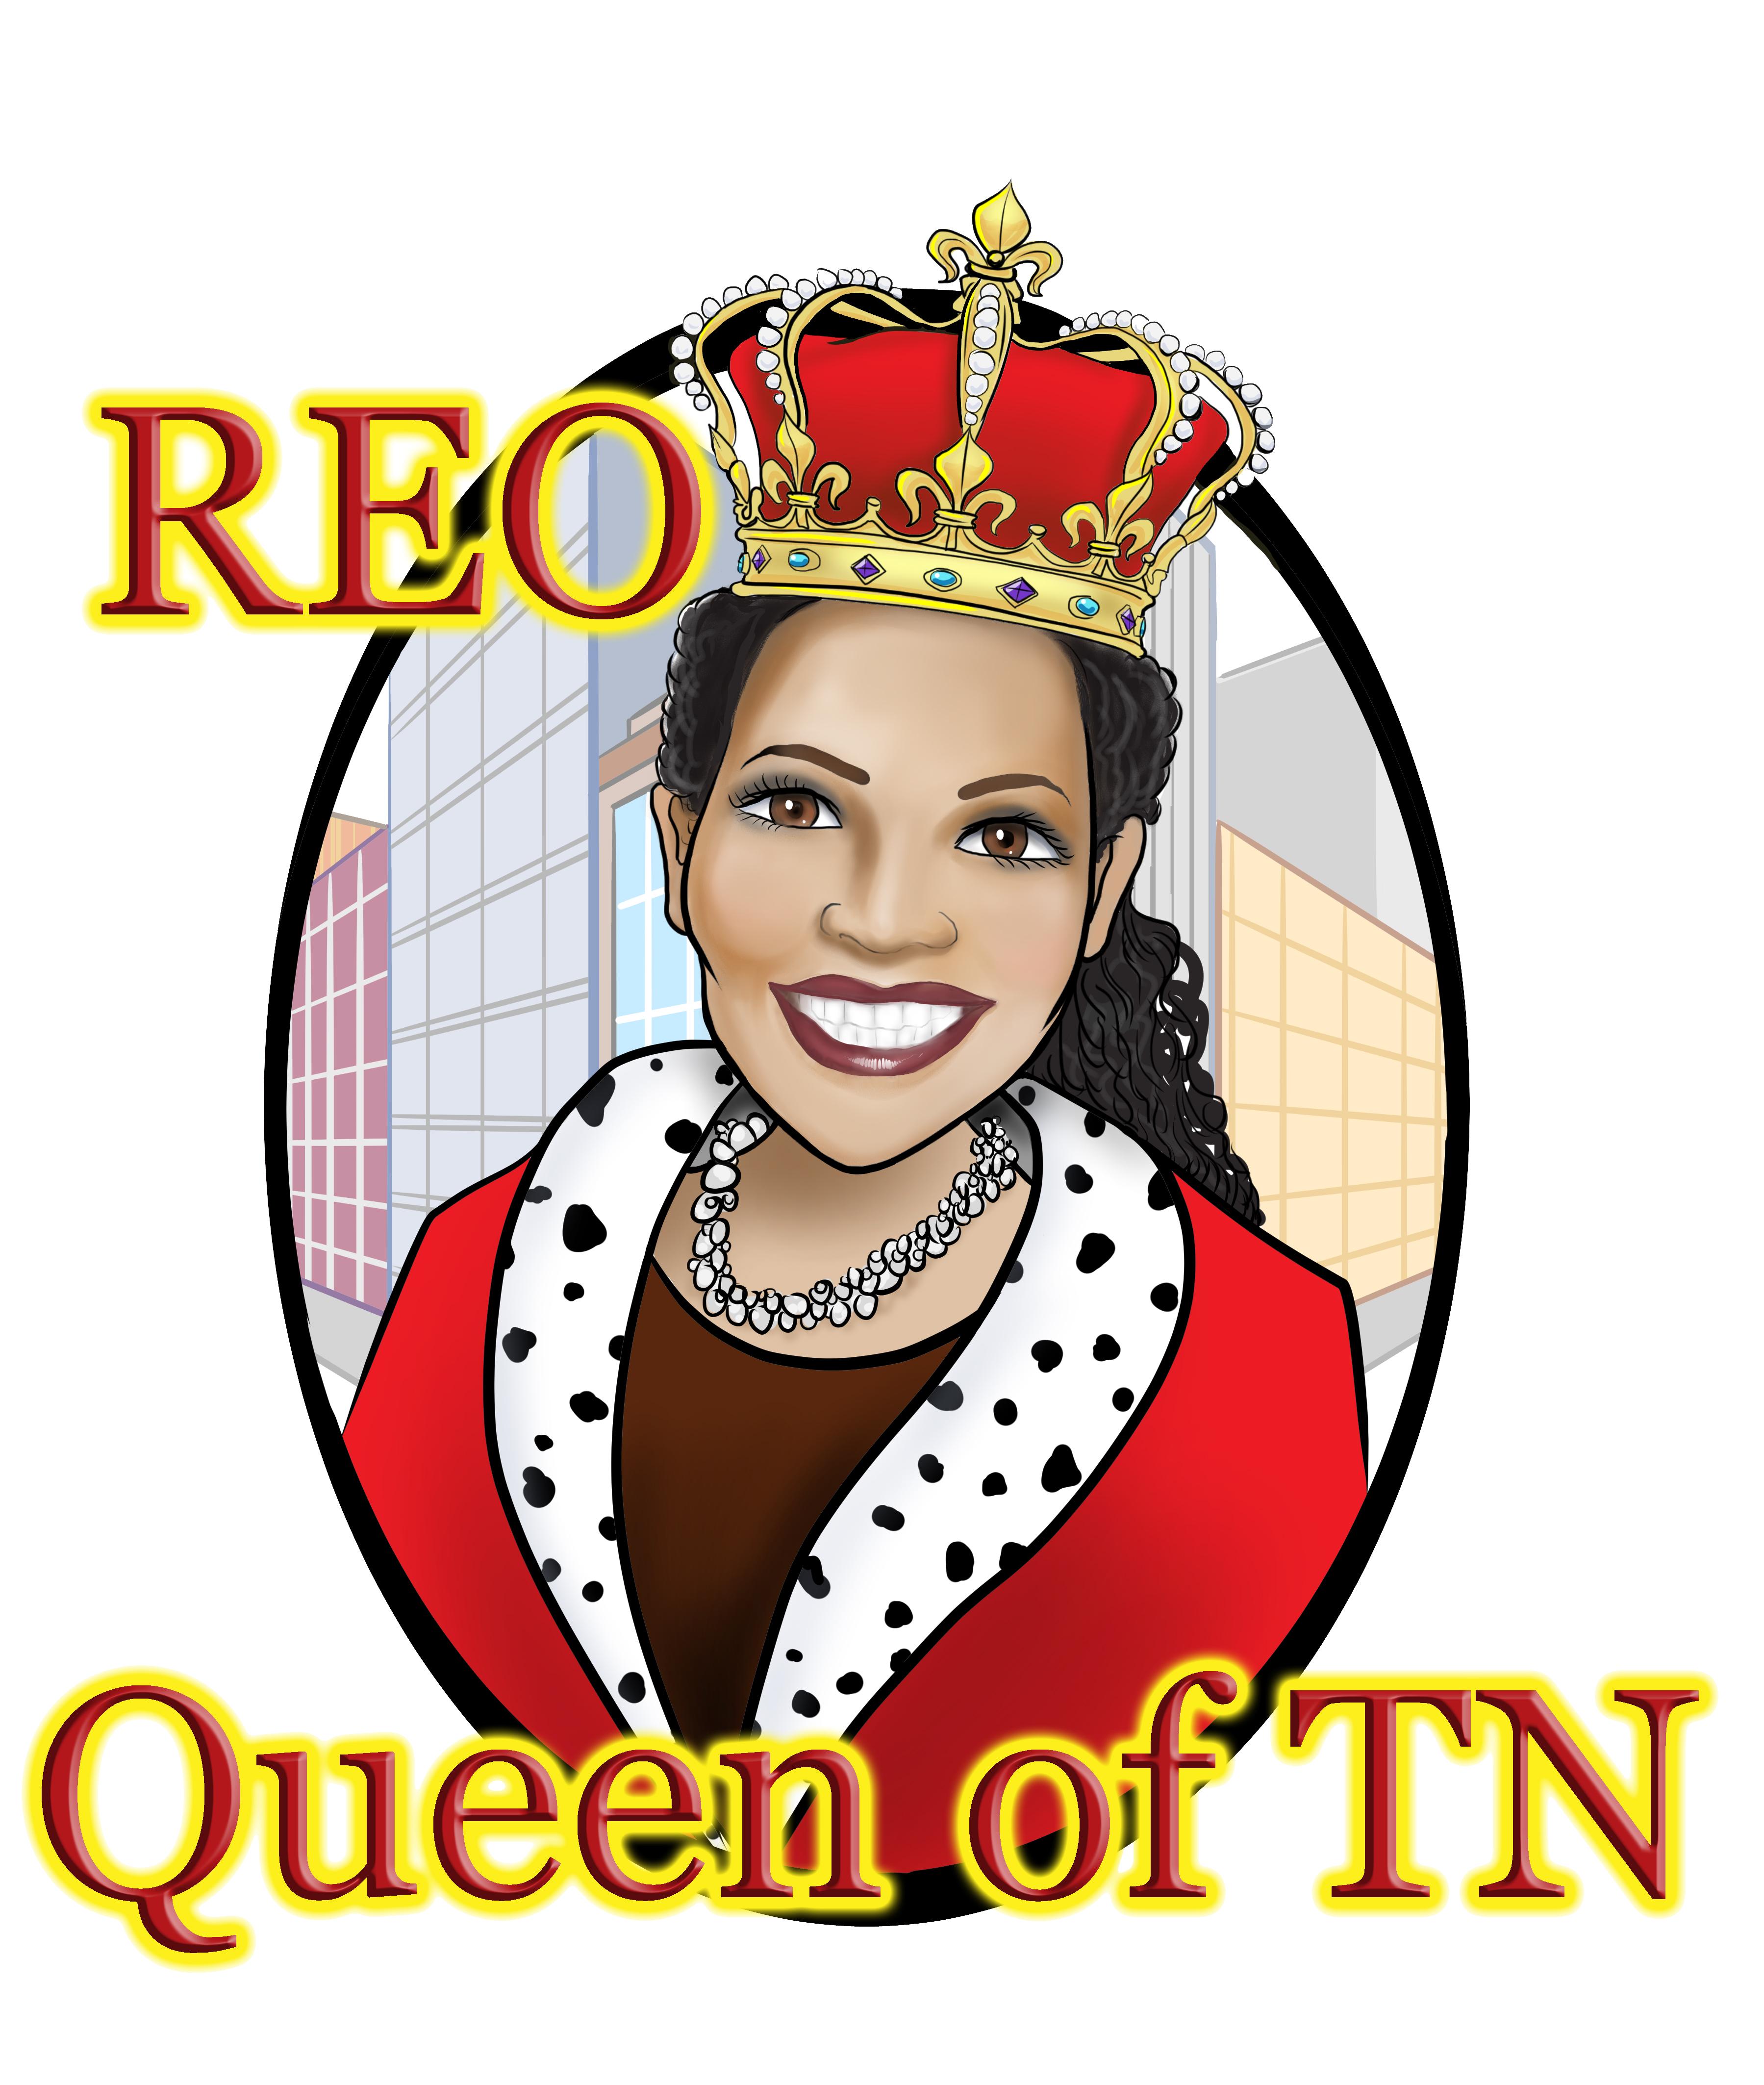 Reo Queen Ftn